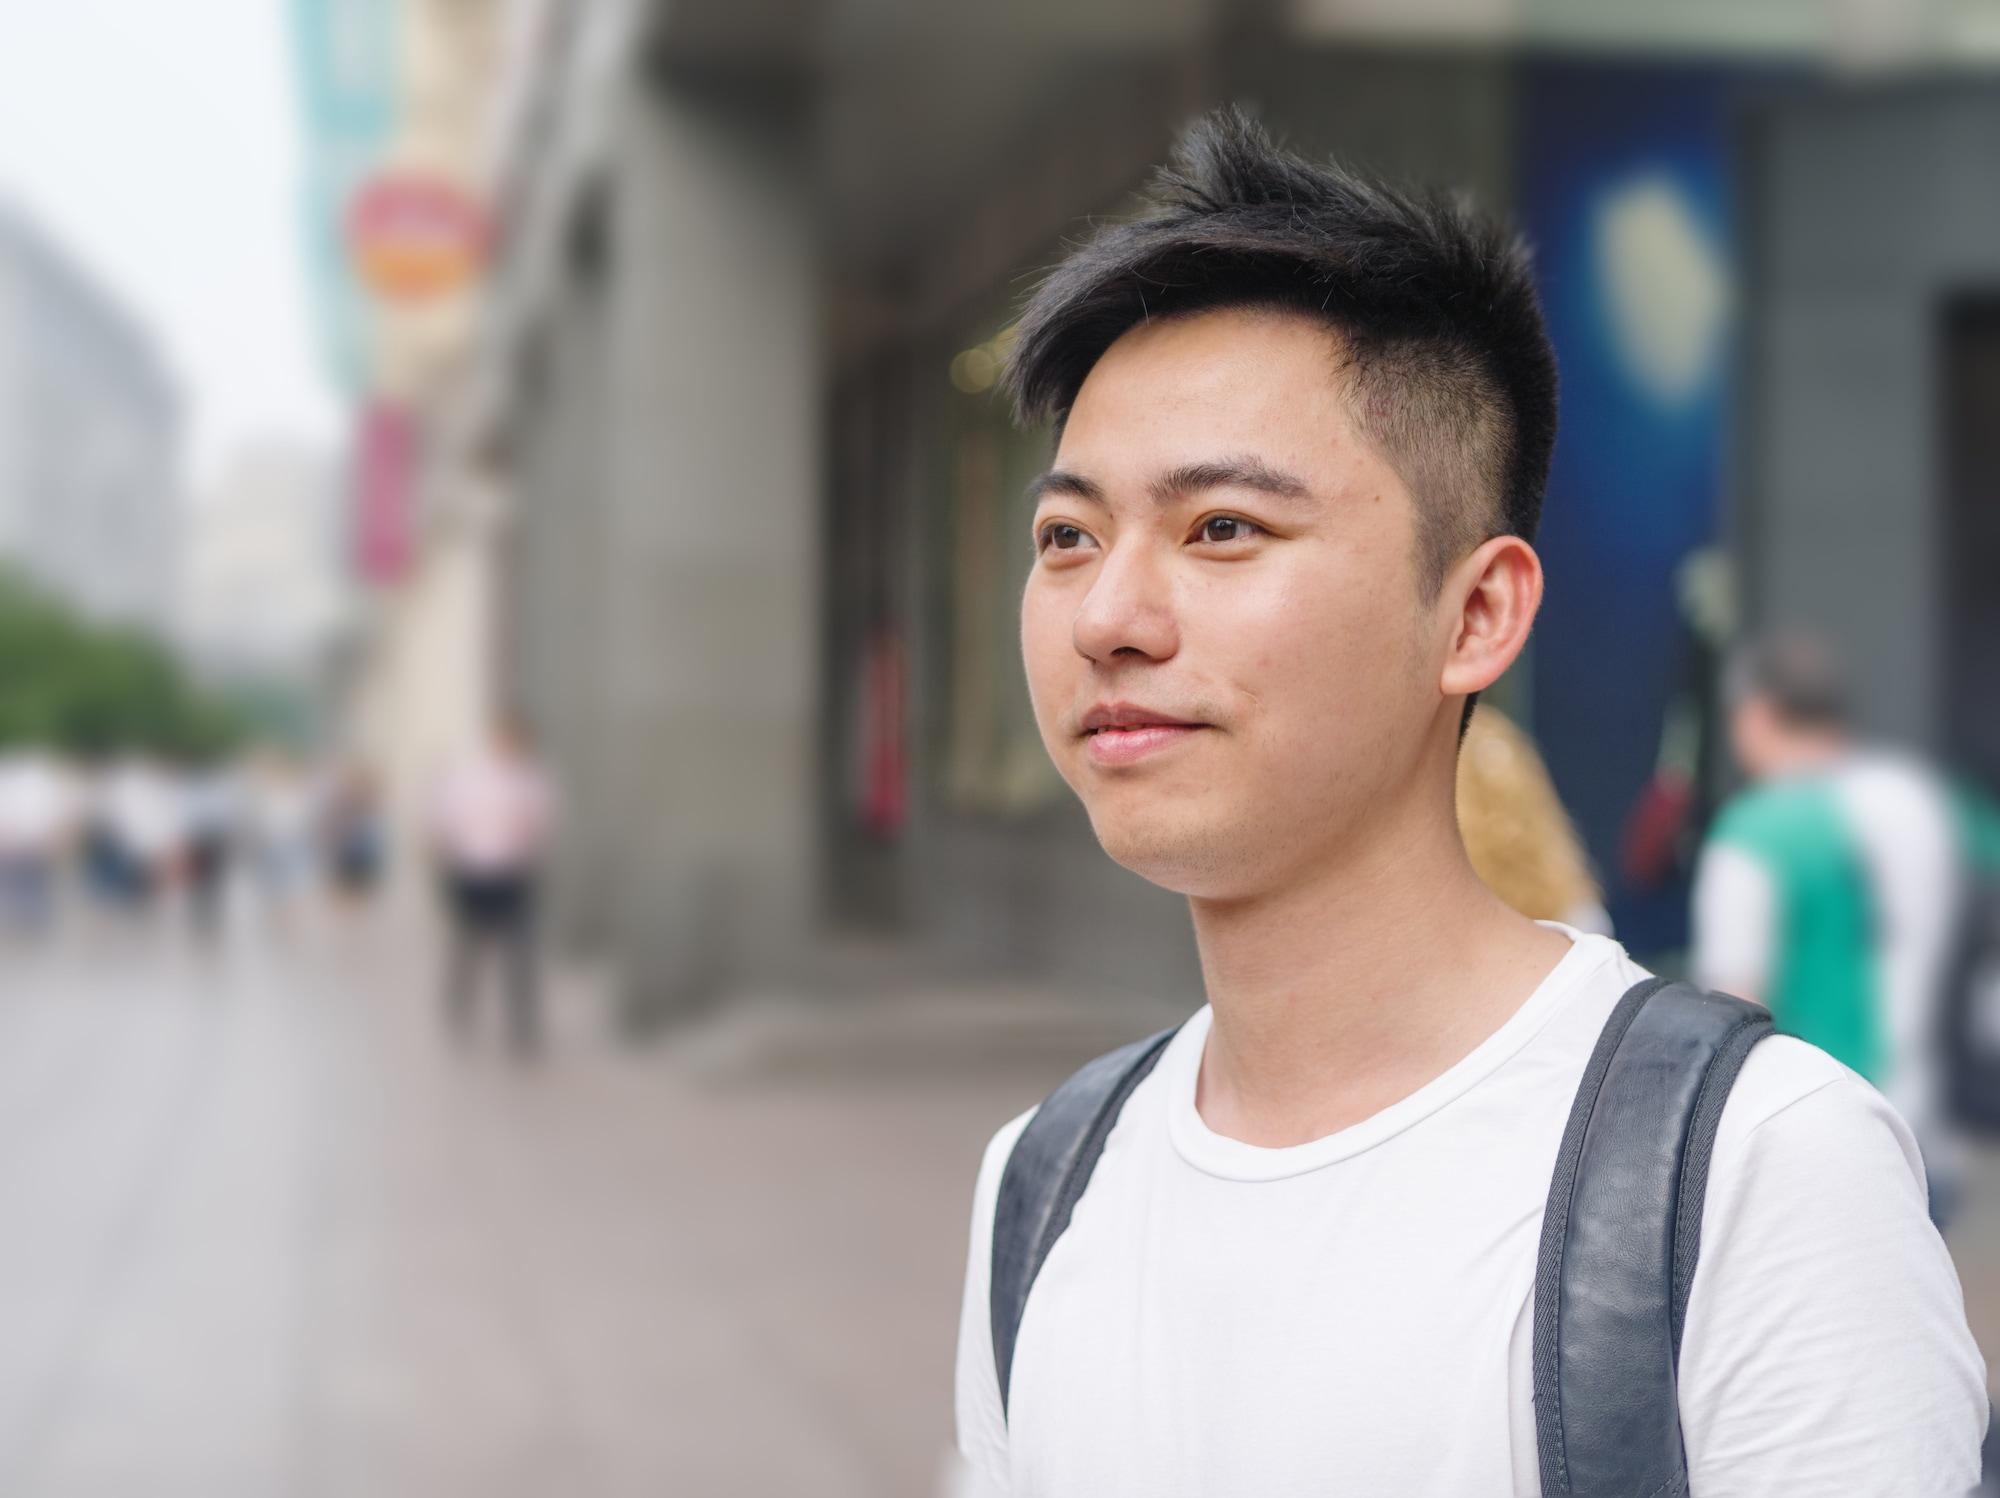 Gaya rambut pria tipis pendek dengan low fade.